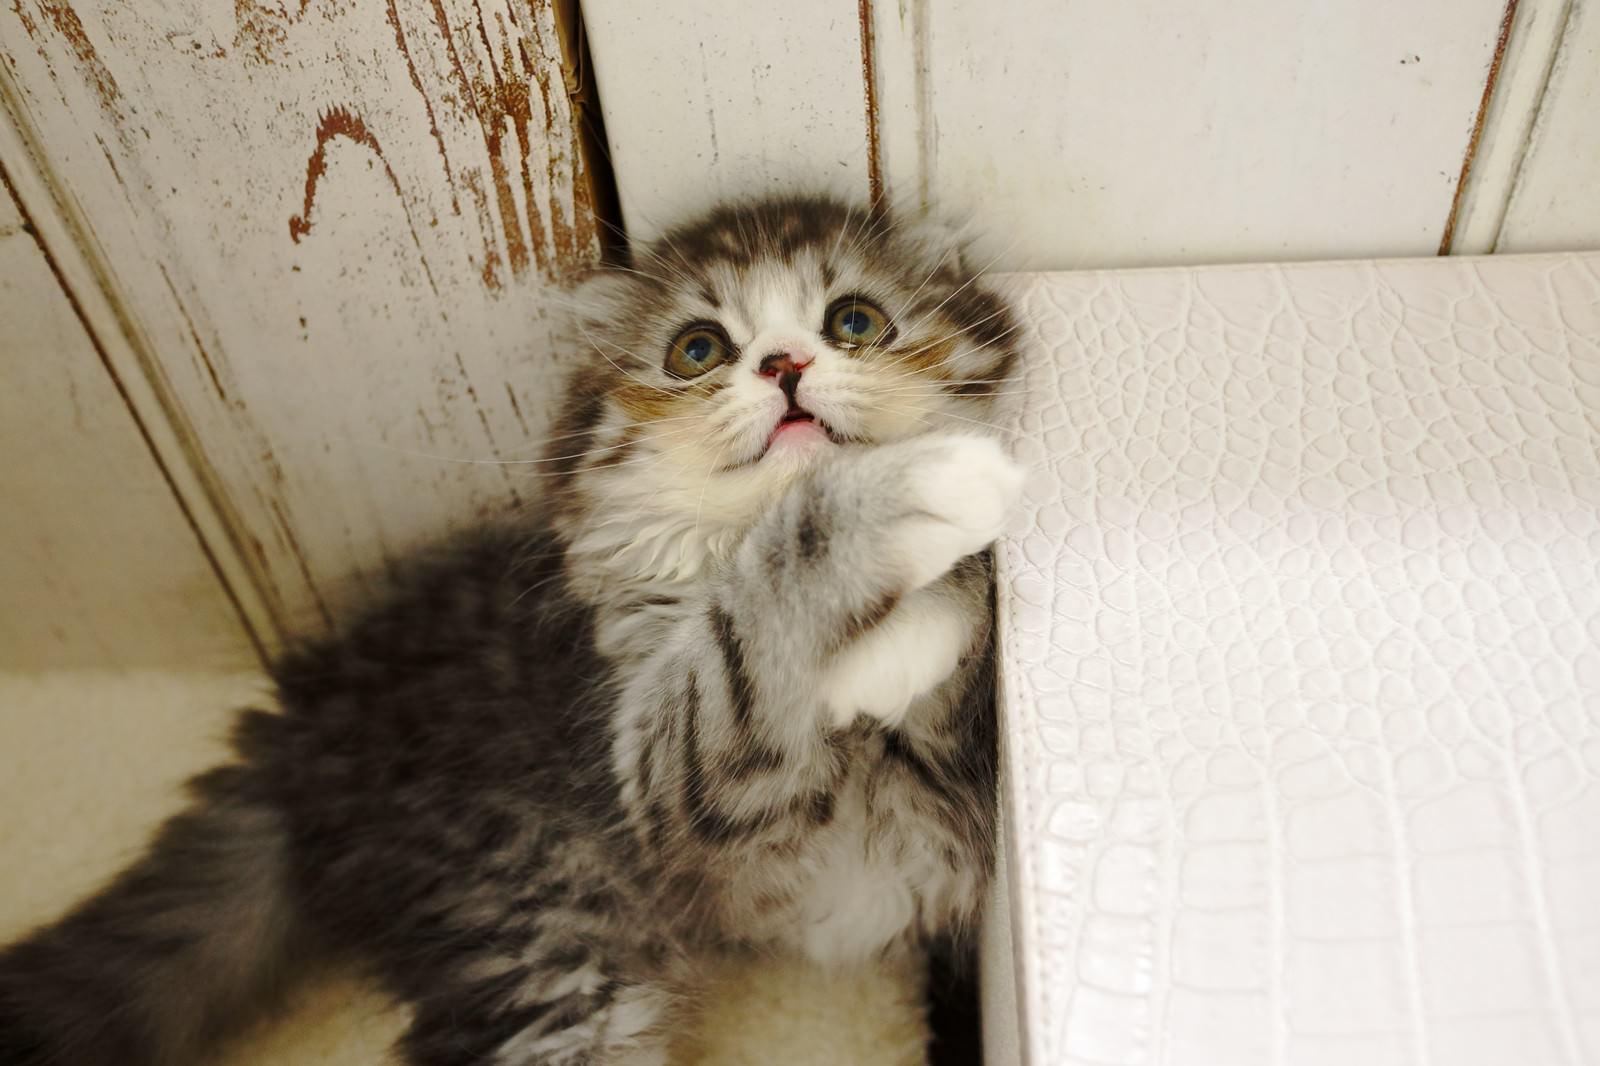 「上空の獲物を見つめるオス猫(スコティッシュフォールド)」の写真